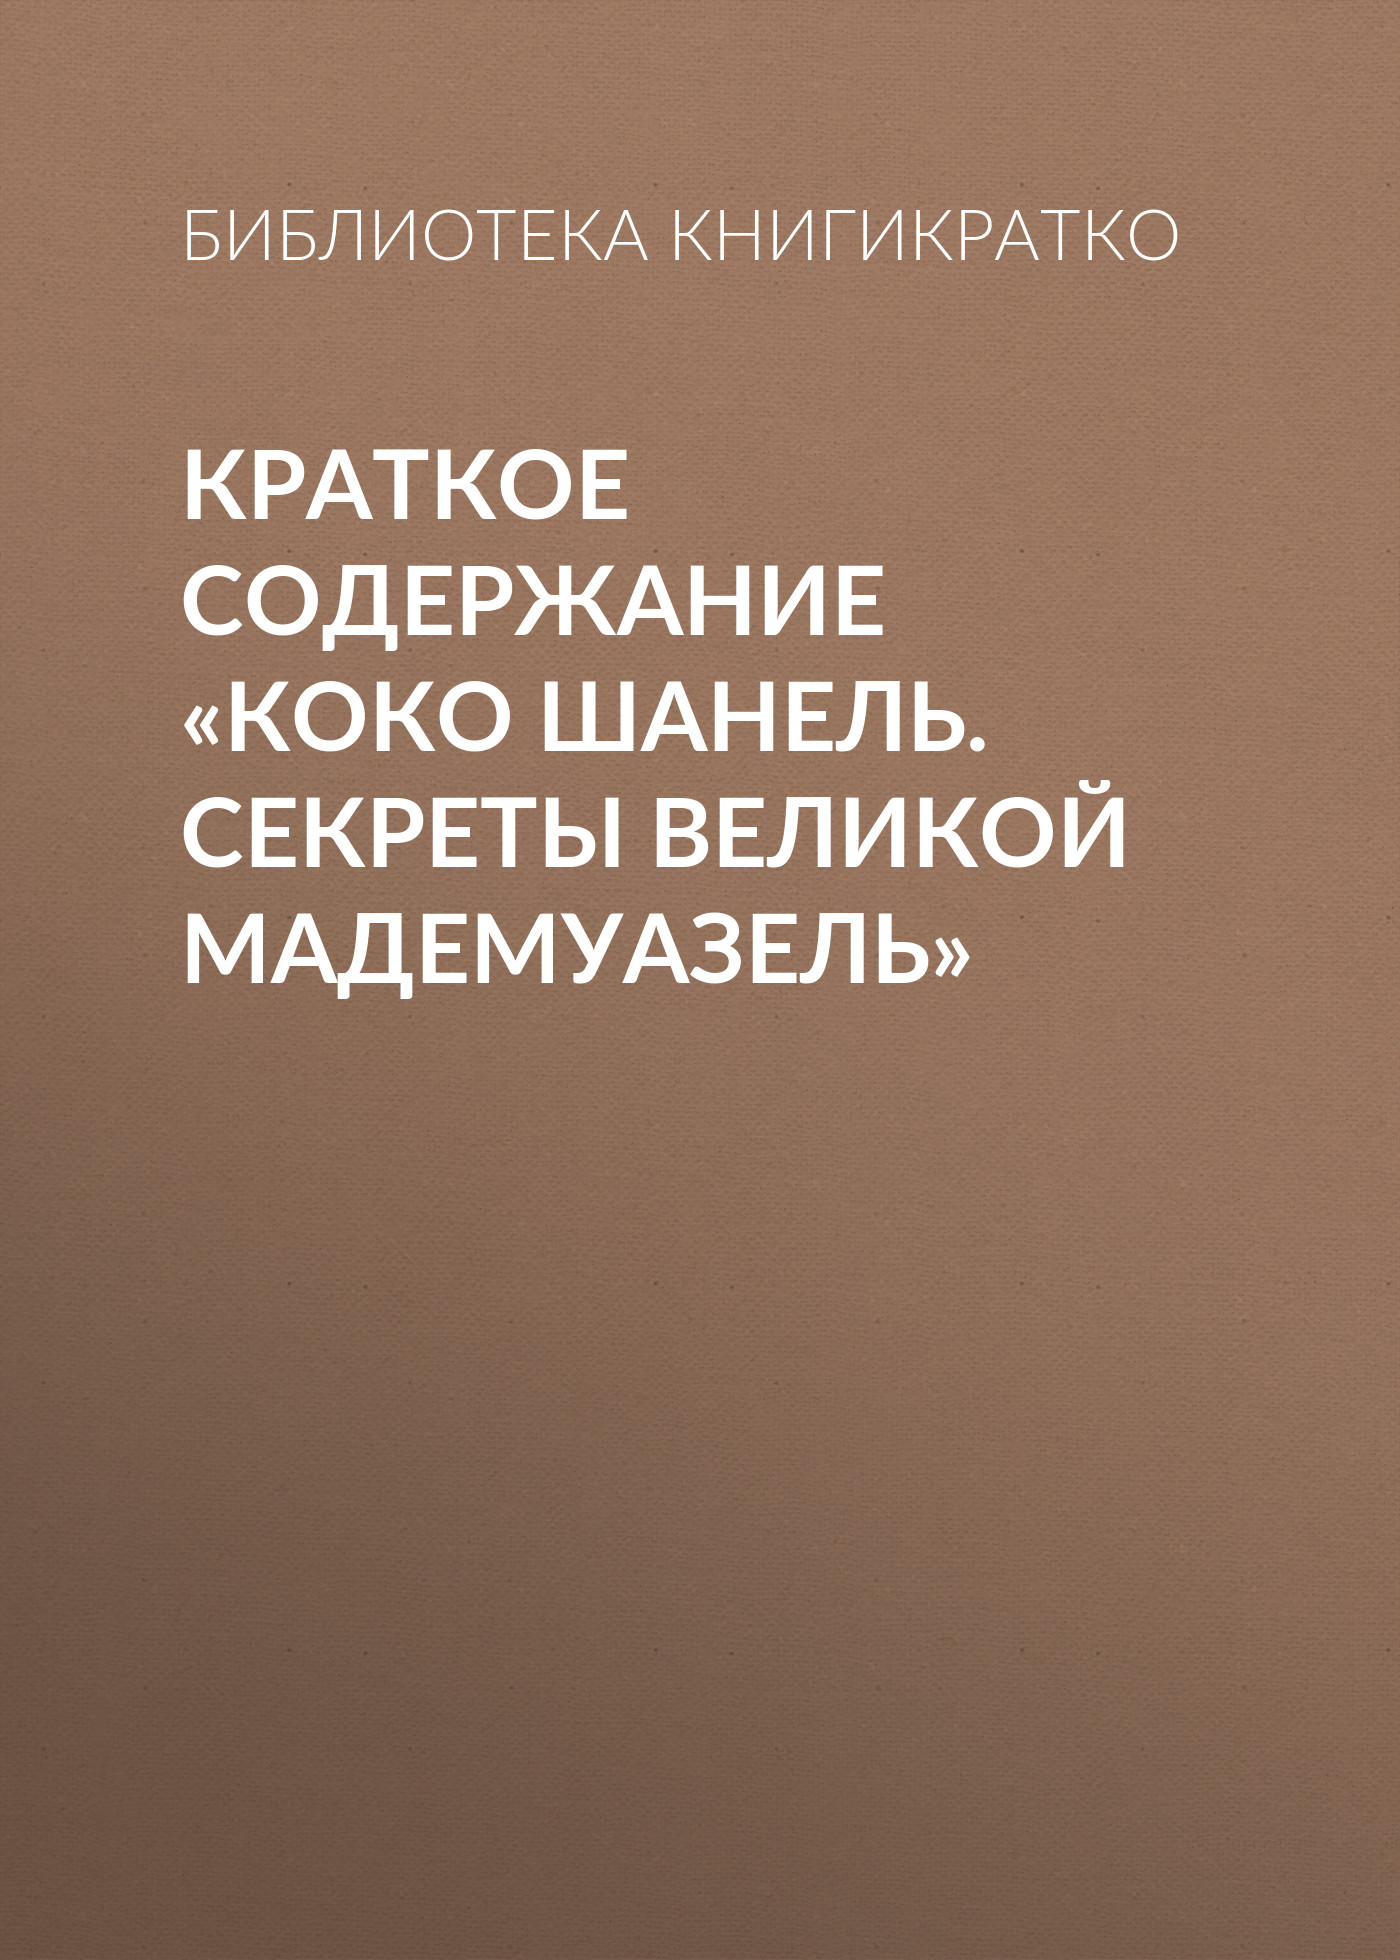 цена на Библиотека КнигиКратко Краткое содержание «Коко Шанель. Секреты Великой Мадемуазель»